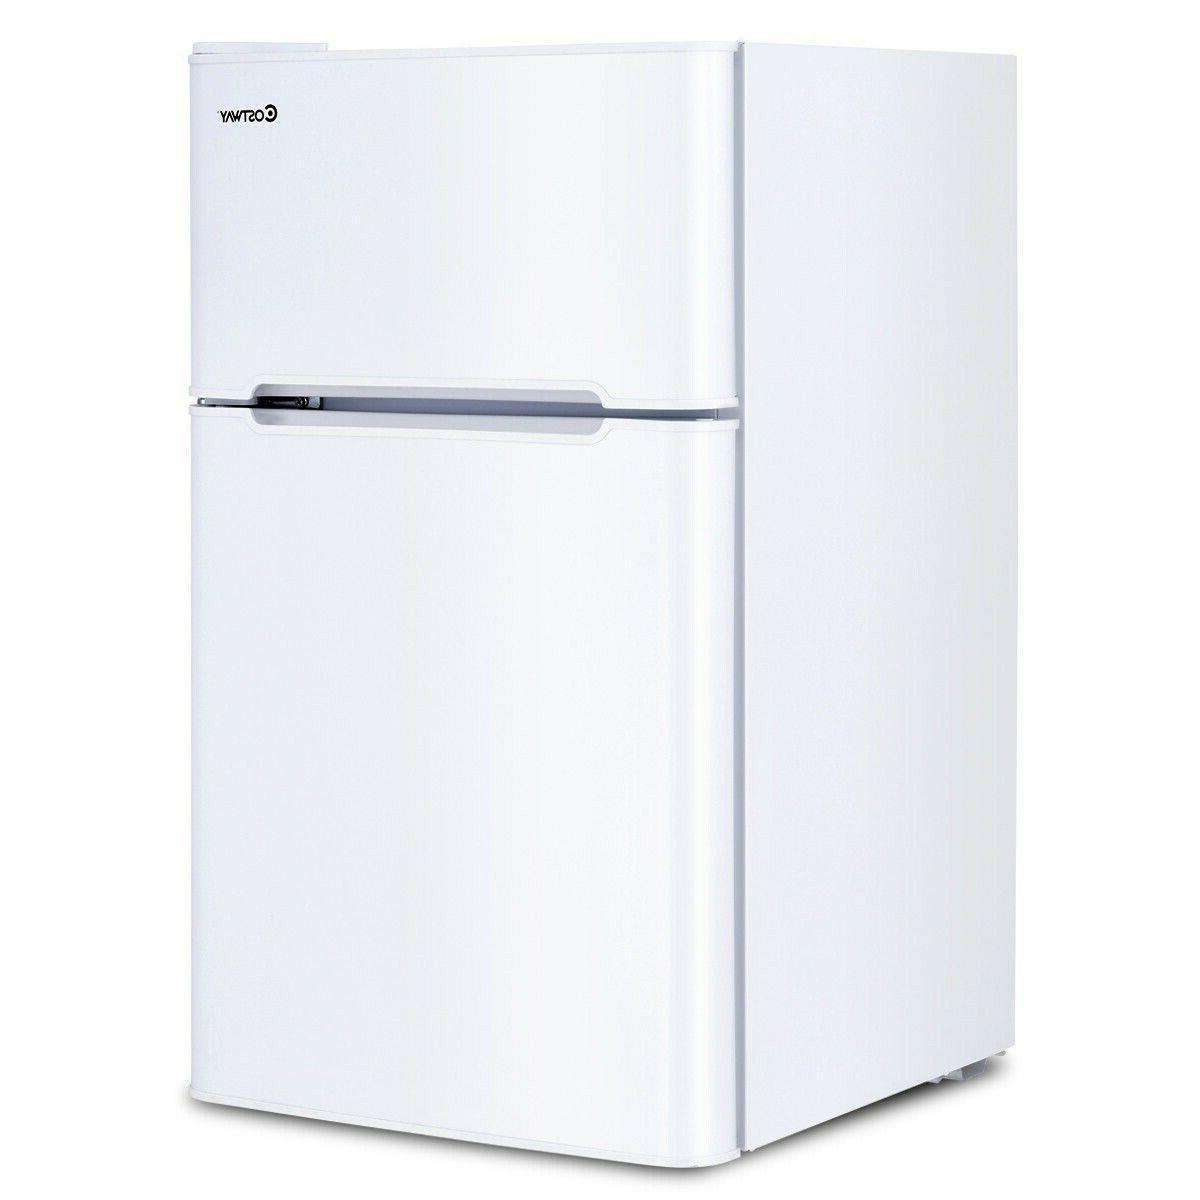 White Small Compact Refrigerators Mini Apartment 3.2cu